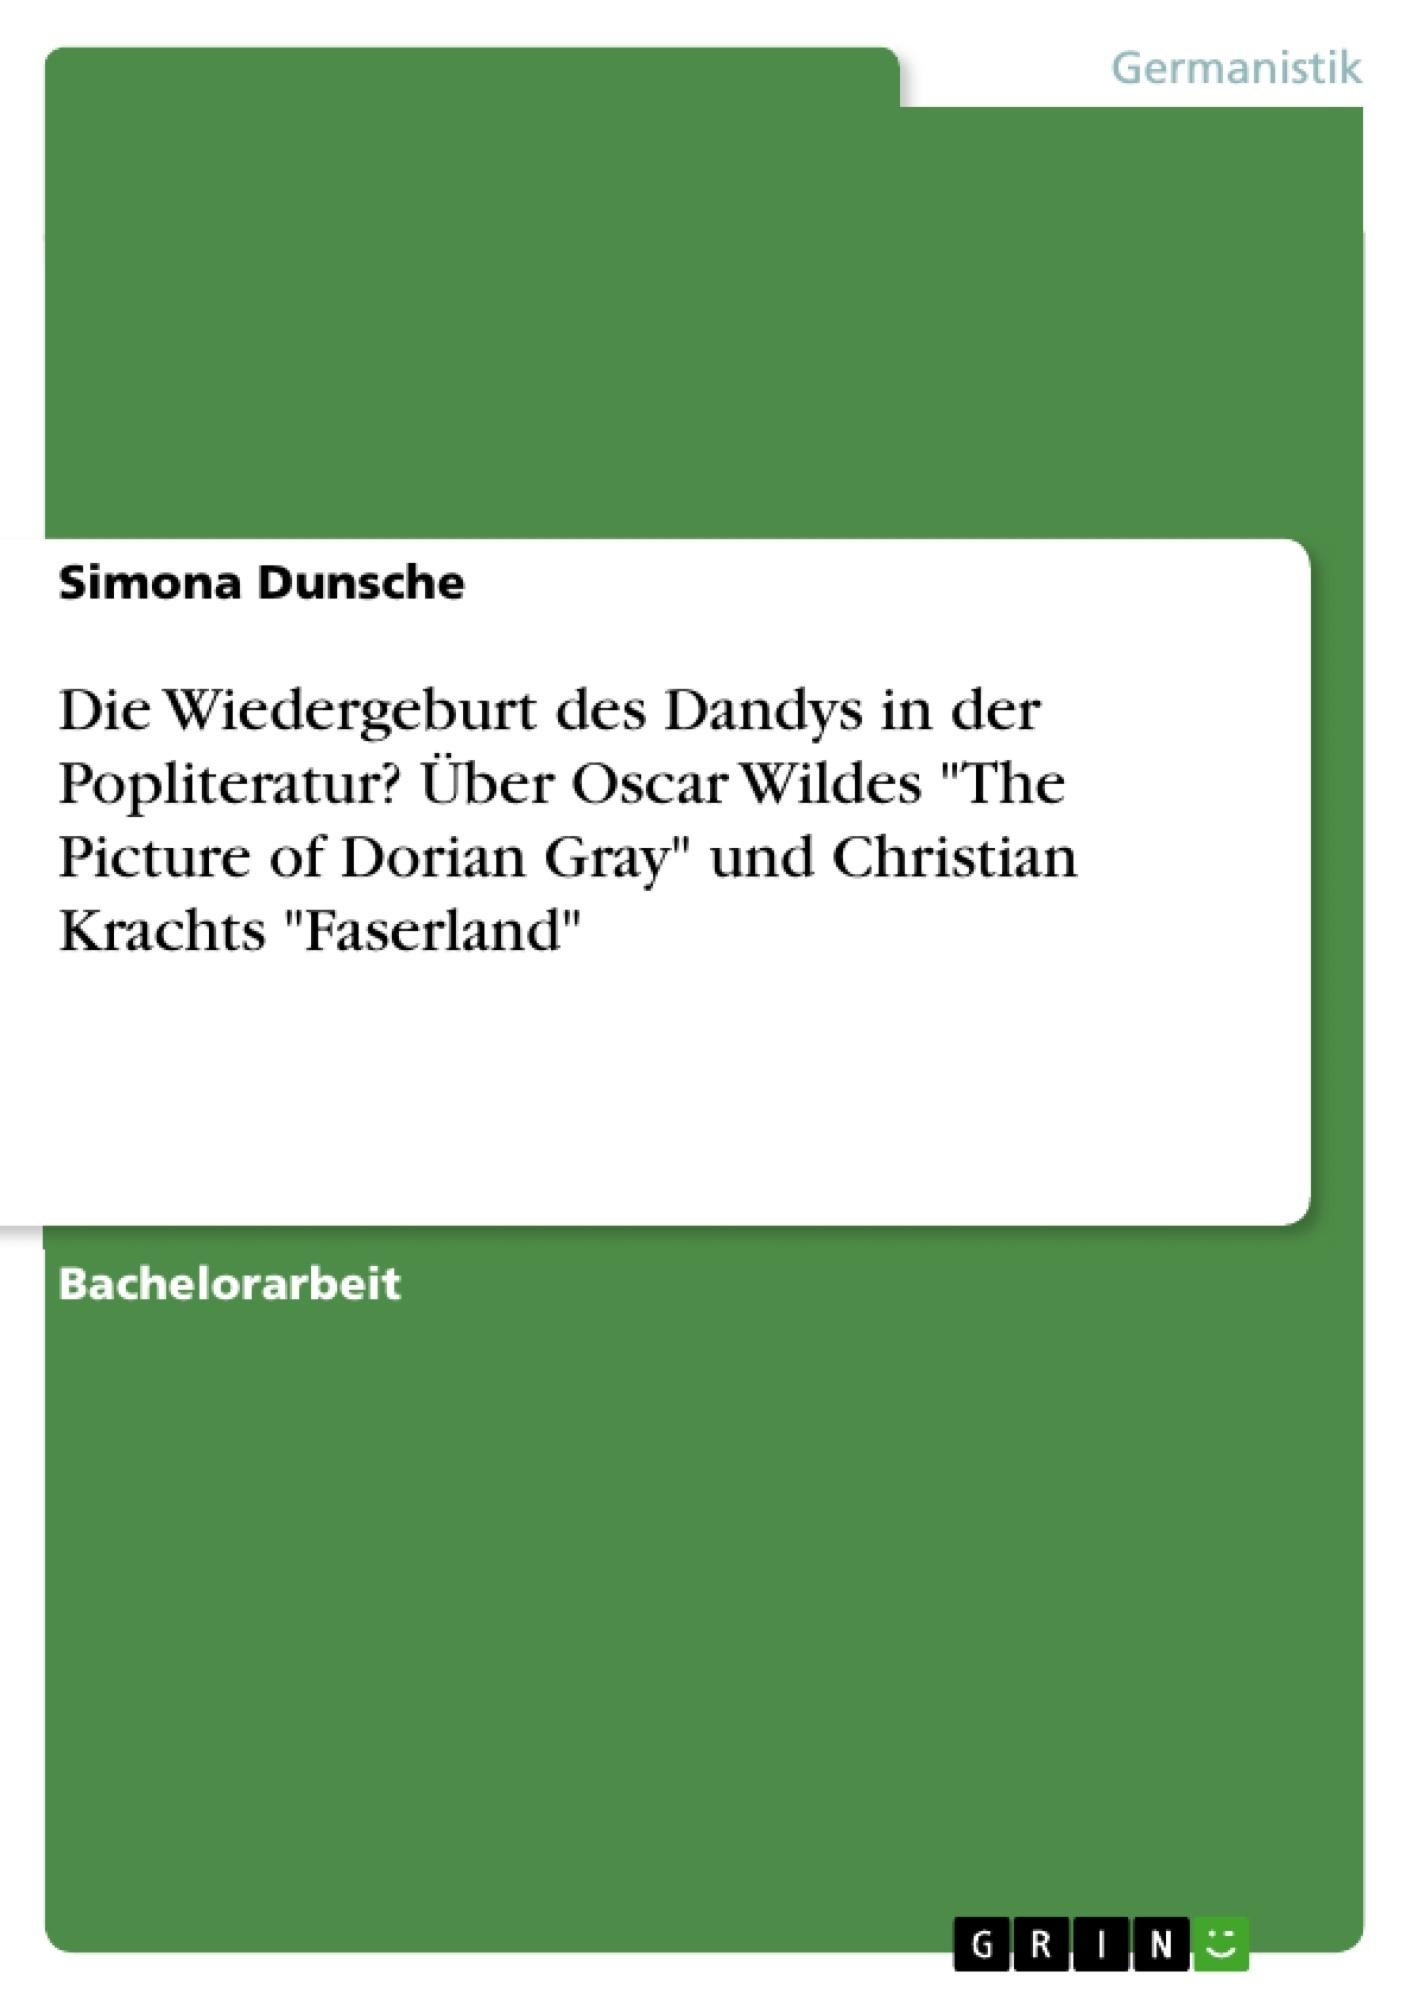 """Titel: Die Wiedergeburt des Dandys in der Popliteratur? Über Oscar Wildes """"The Picture of Dorian Gray"""" und Christian Krachts """"Faserland"""""""